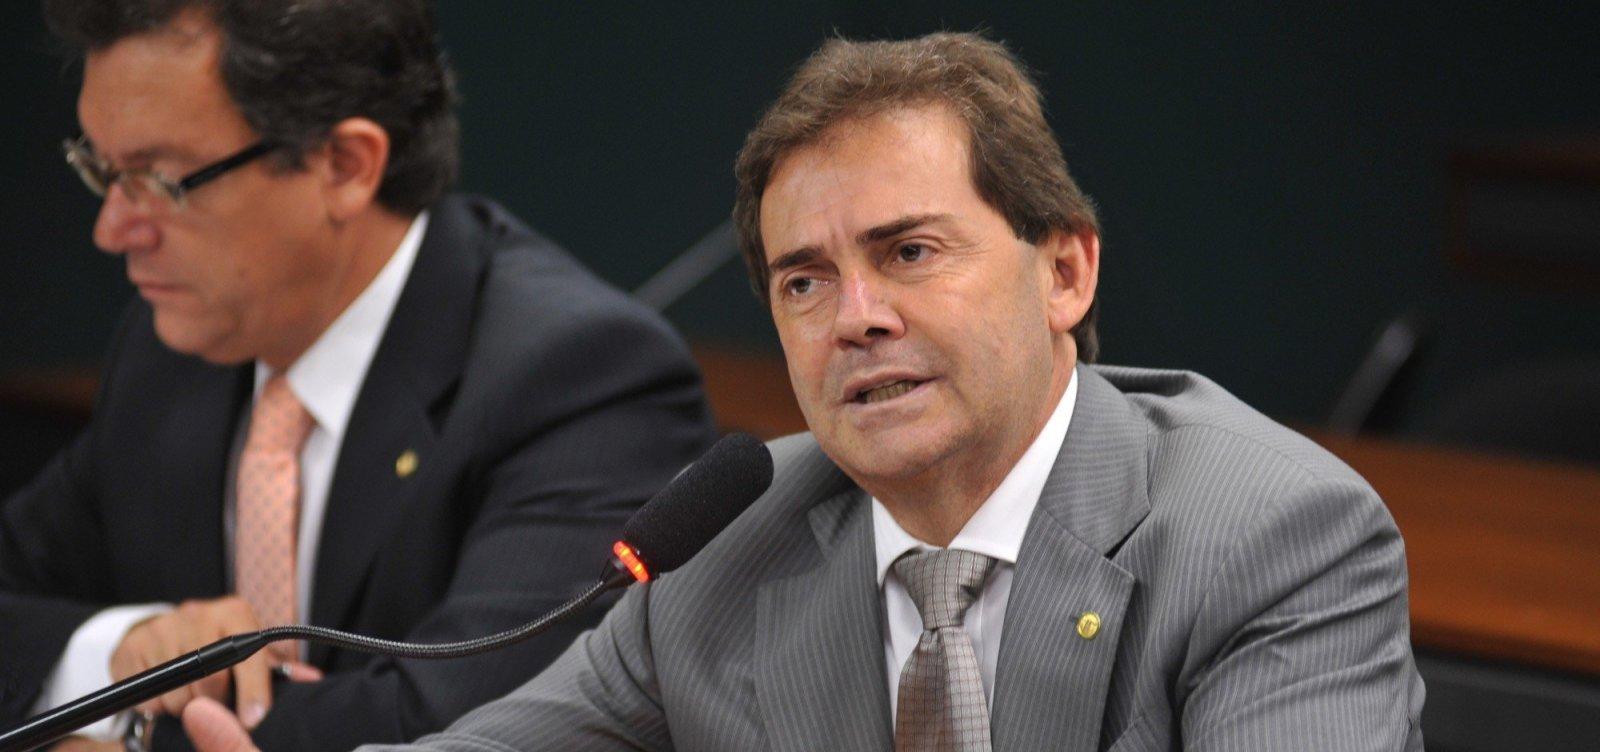 Paulinho da Força afirma que ACM Neto 'vacilou' ao decidir apoiar Alckmin